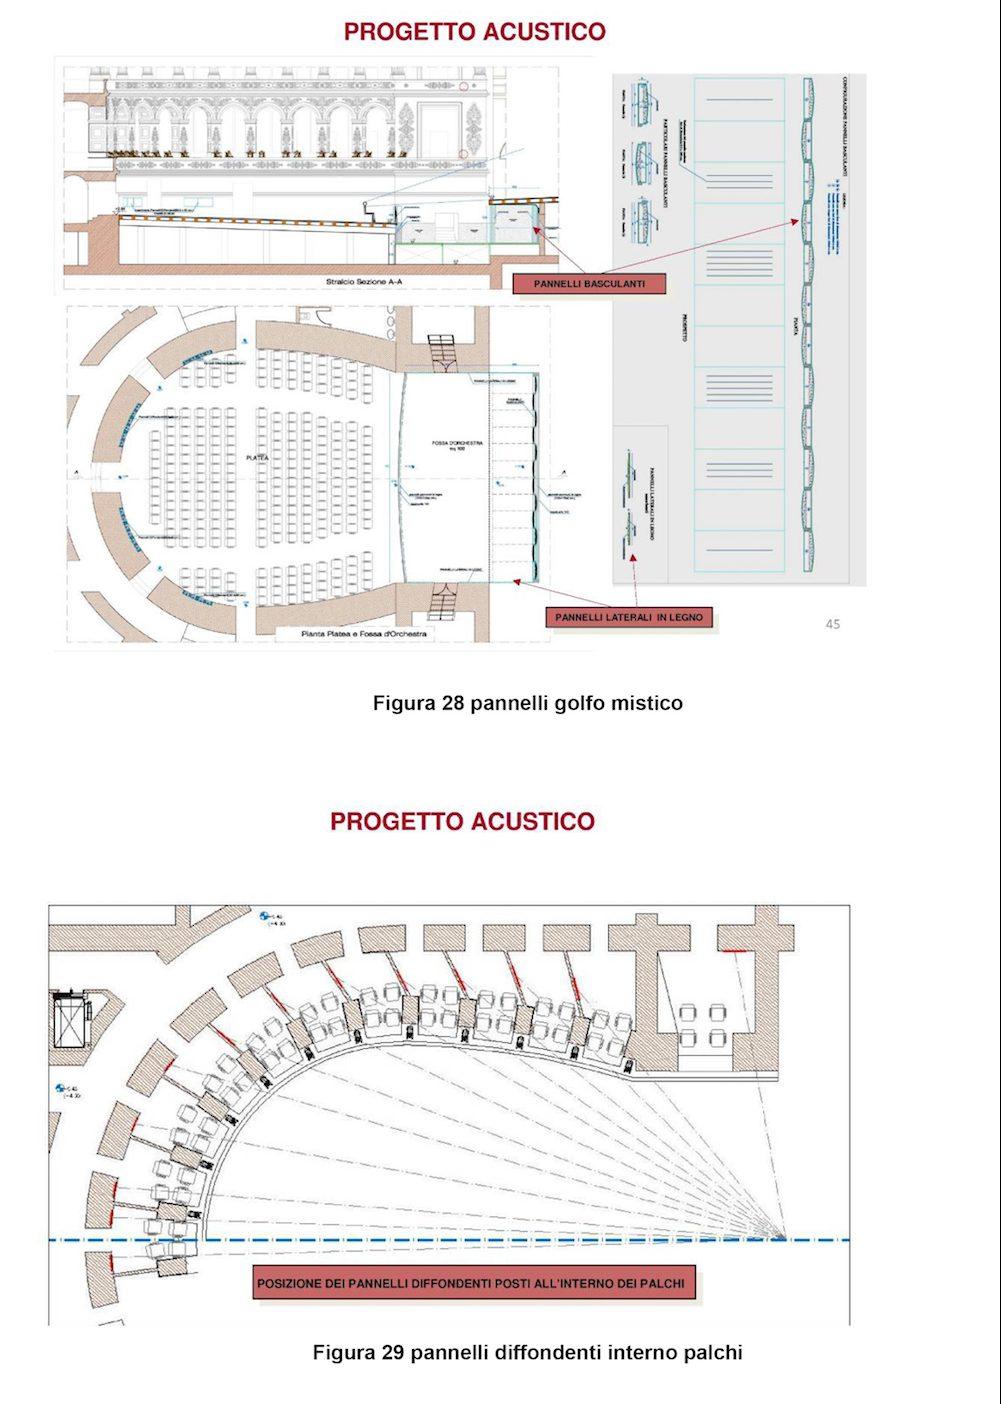 Progetto acustico nel teatro Galli